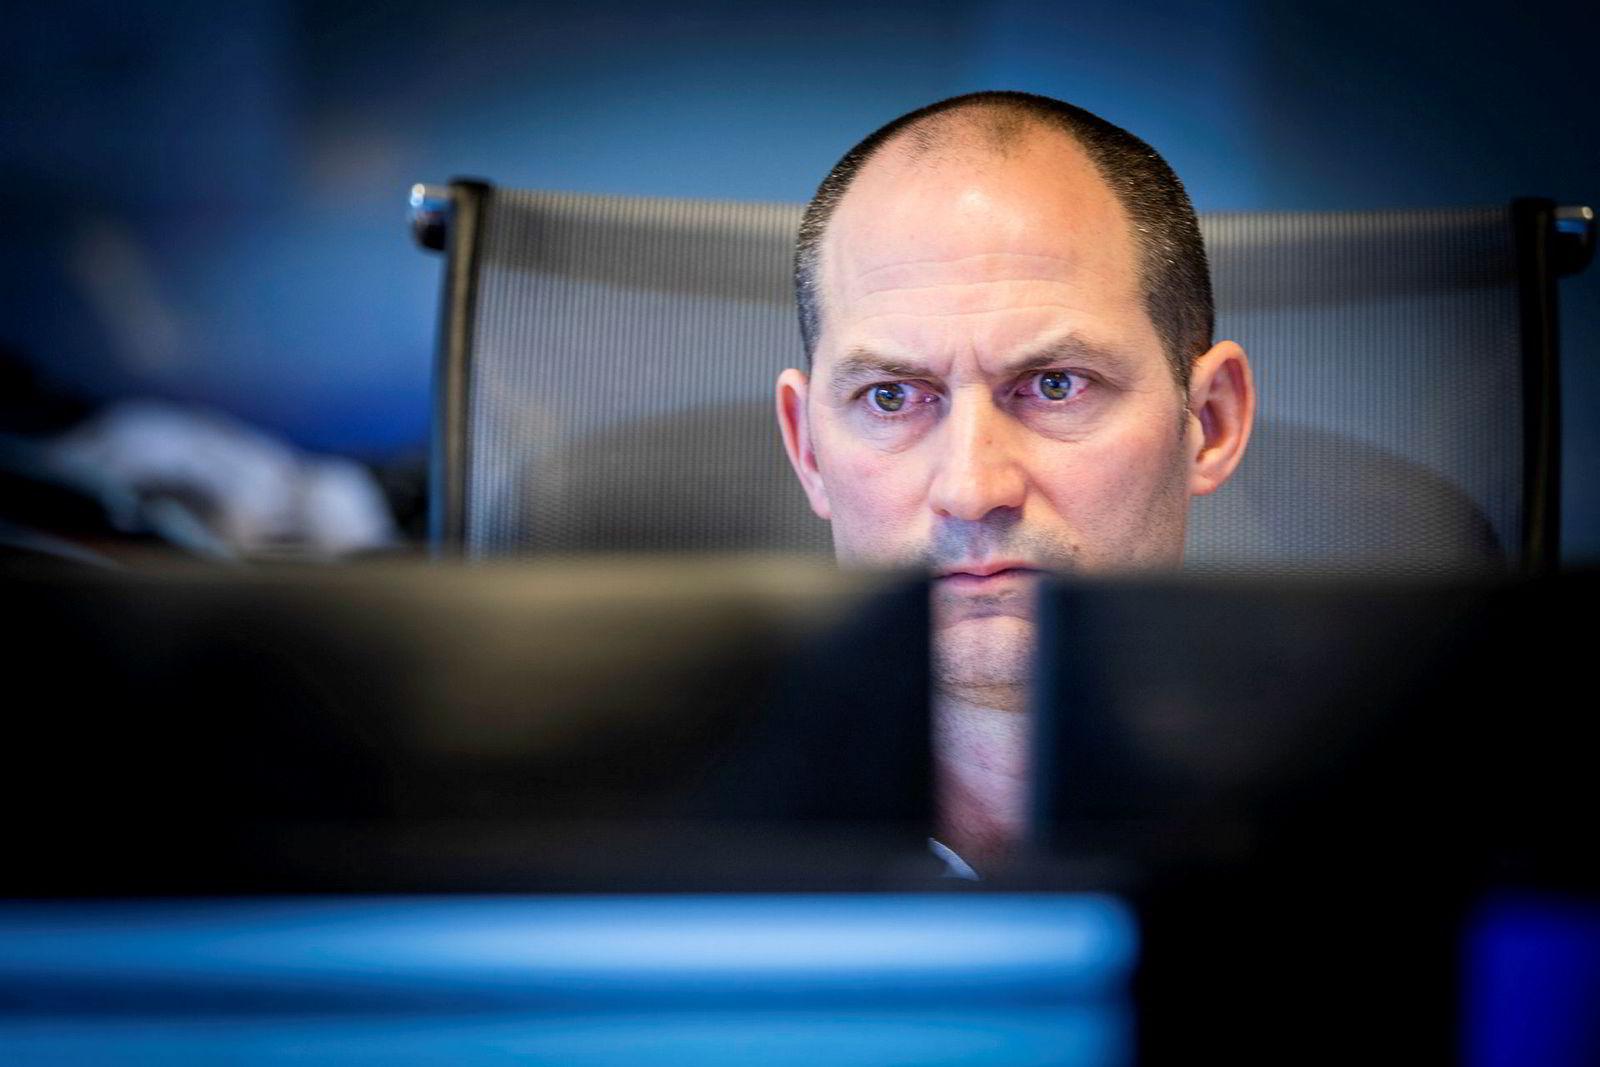 Aksjesjef Marius Aaserud i Handelsbanken Capital Markets mener det også finnes muligheter tross krisestemning på børsen.